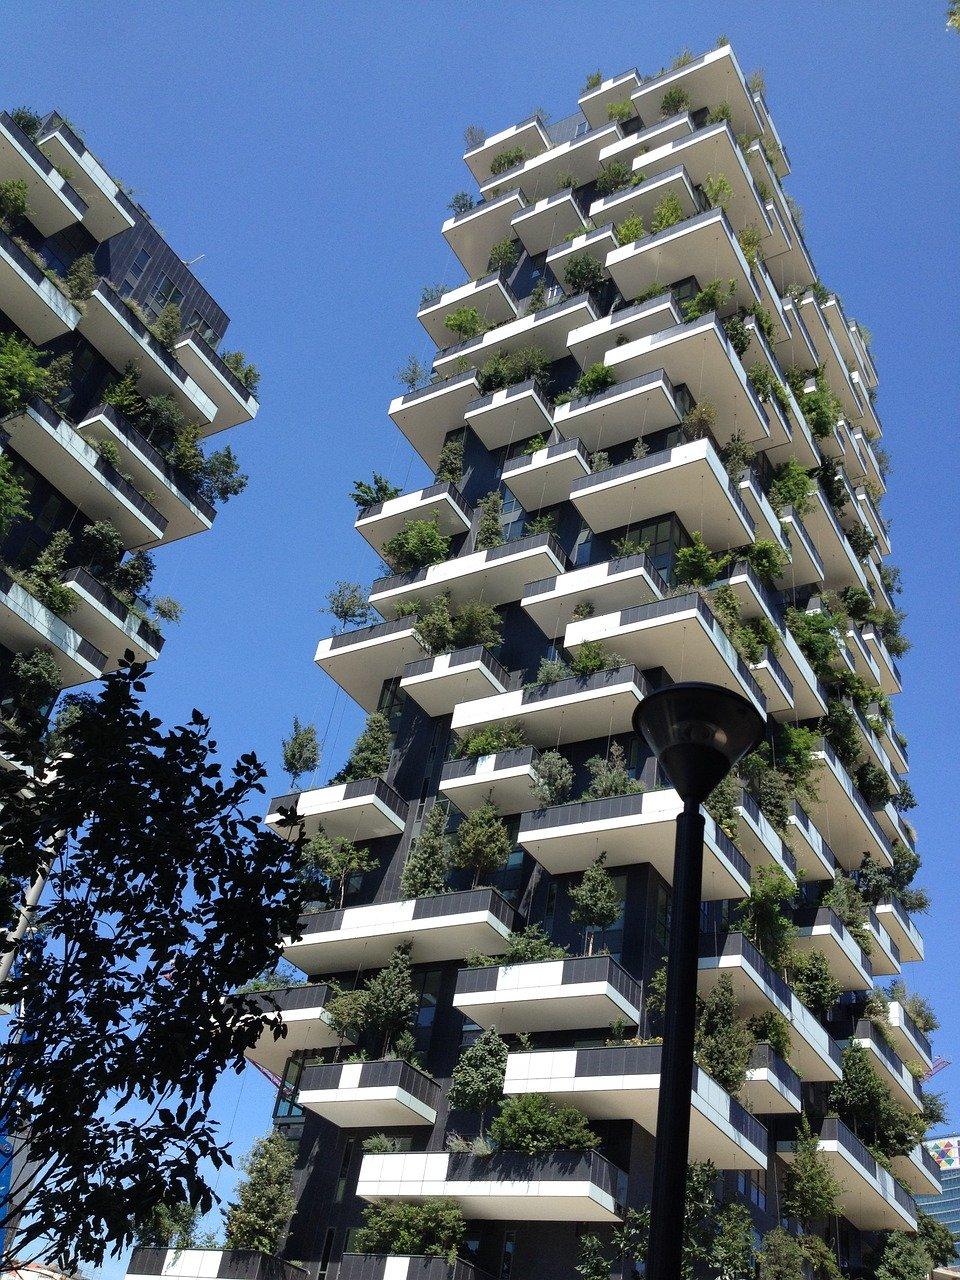 borghi - un palazzo molto alto con alberi ai balconi